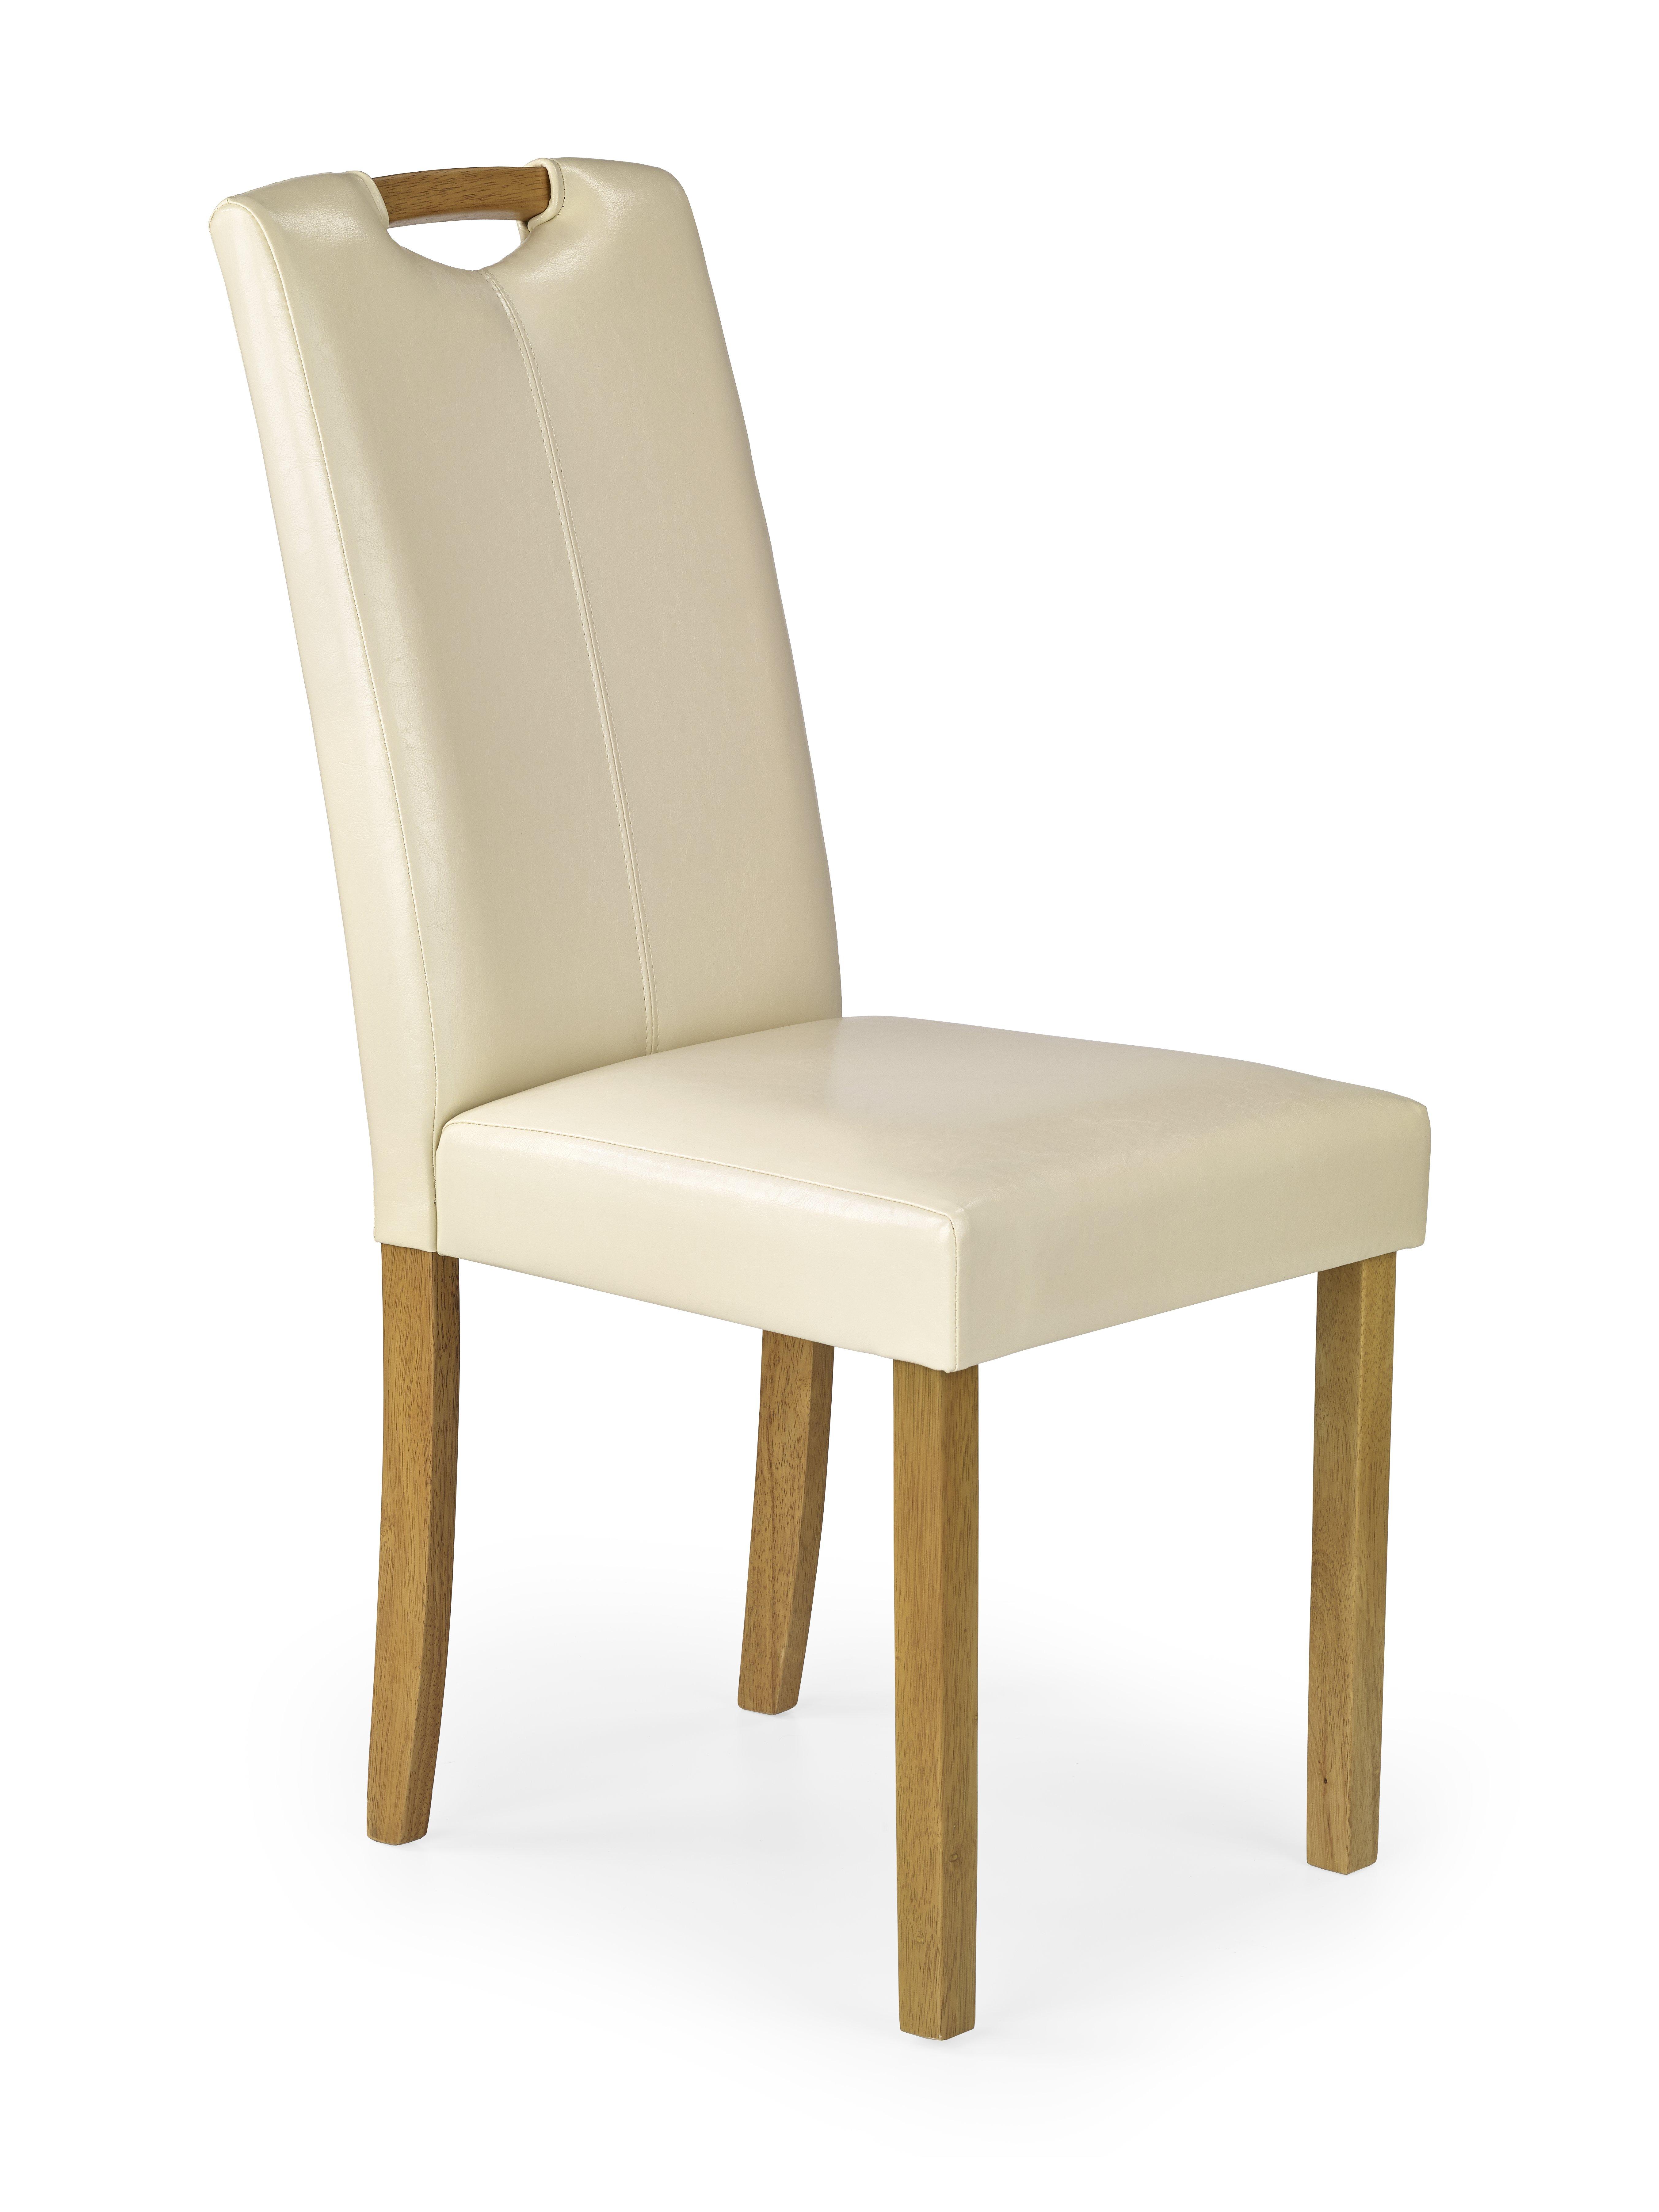 CARO jedálenská stolička, buk / krém